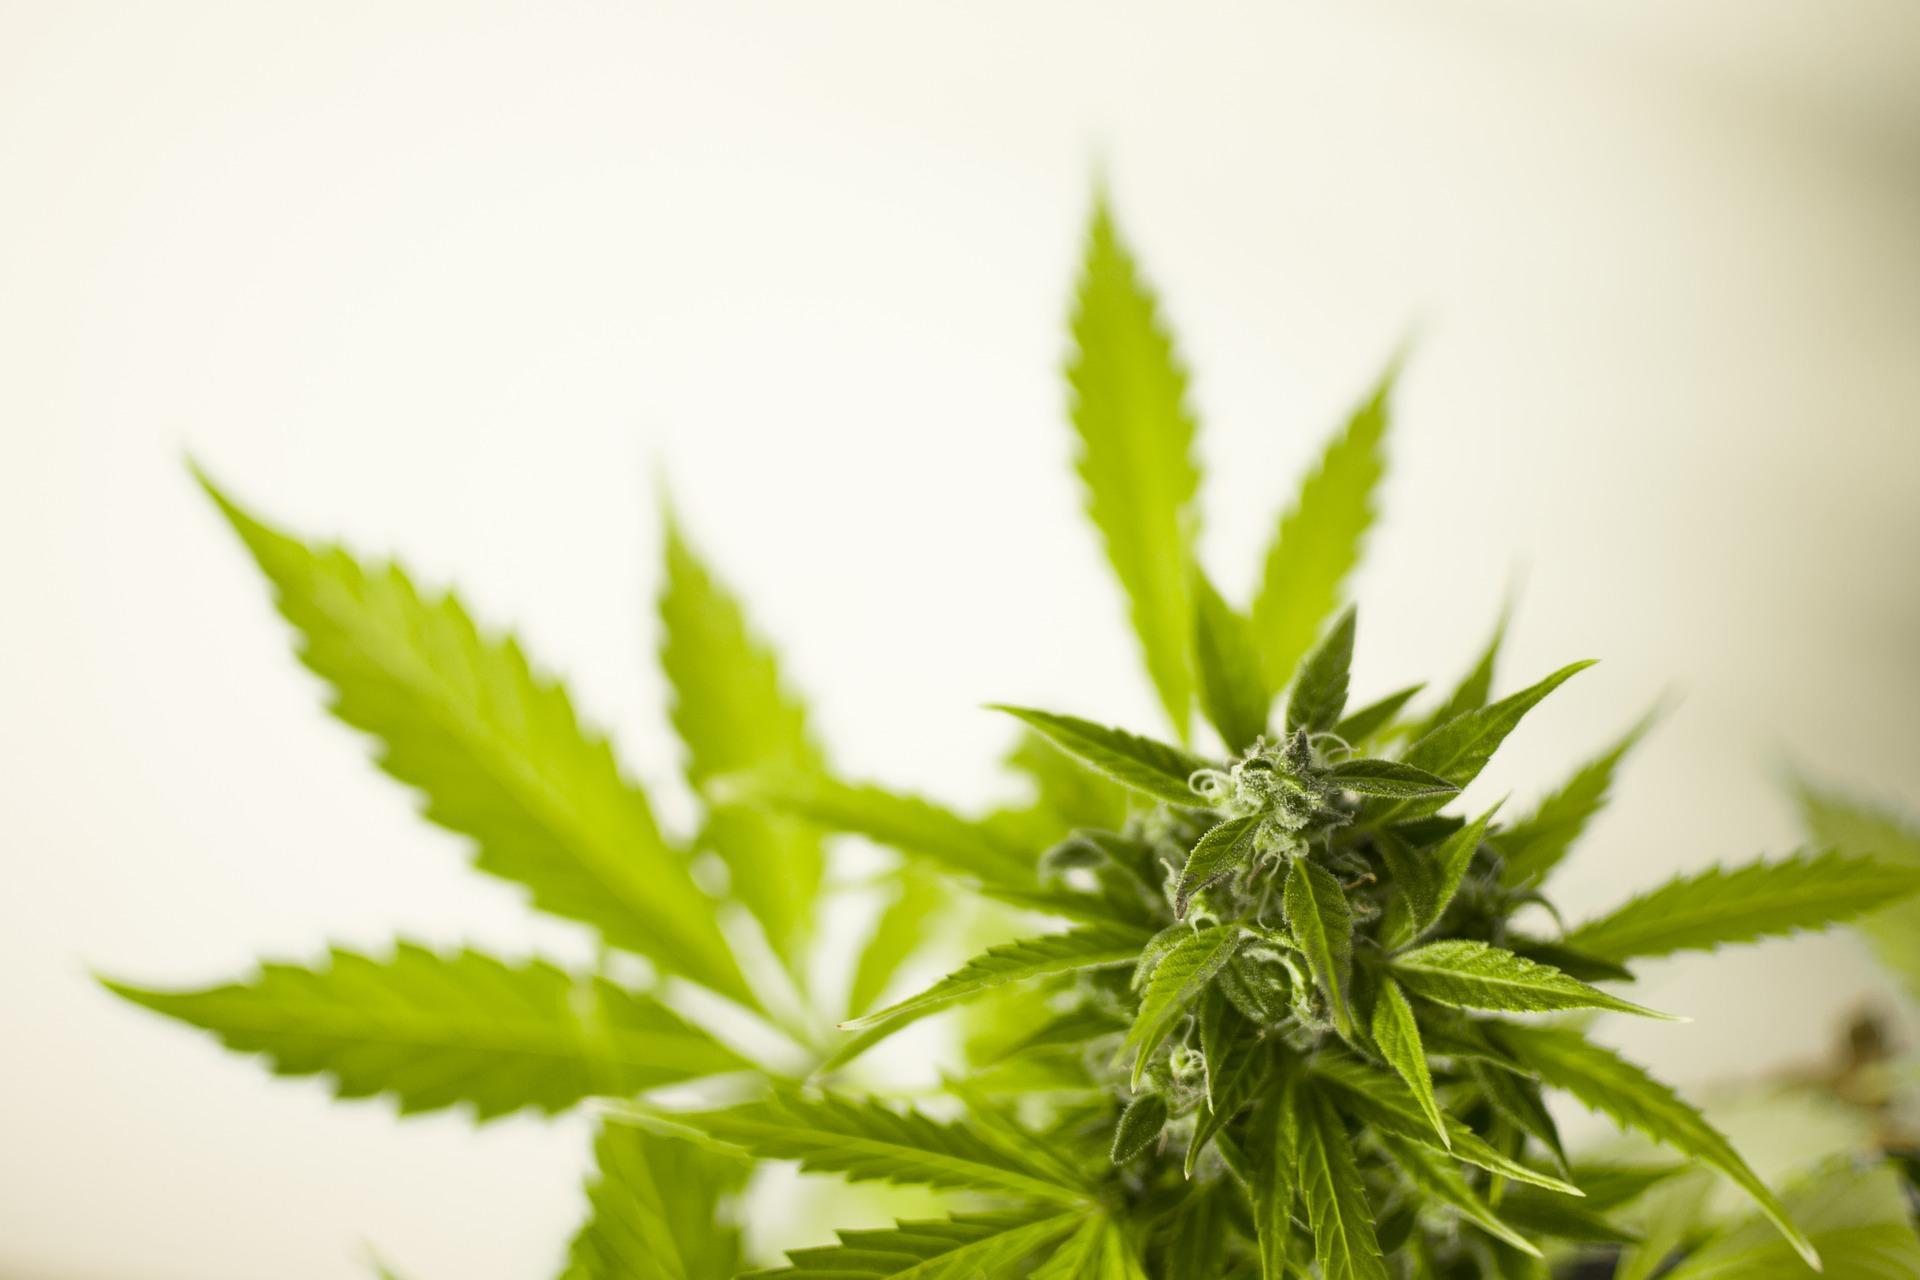 В Индии четверых полицейских будут судить за перепродажу 159 килограммов изъятой марихуаны